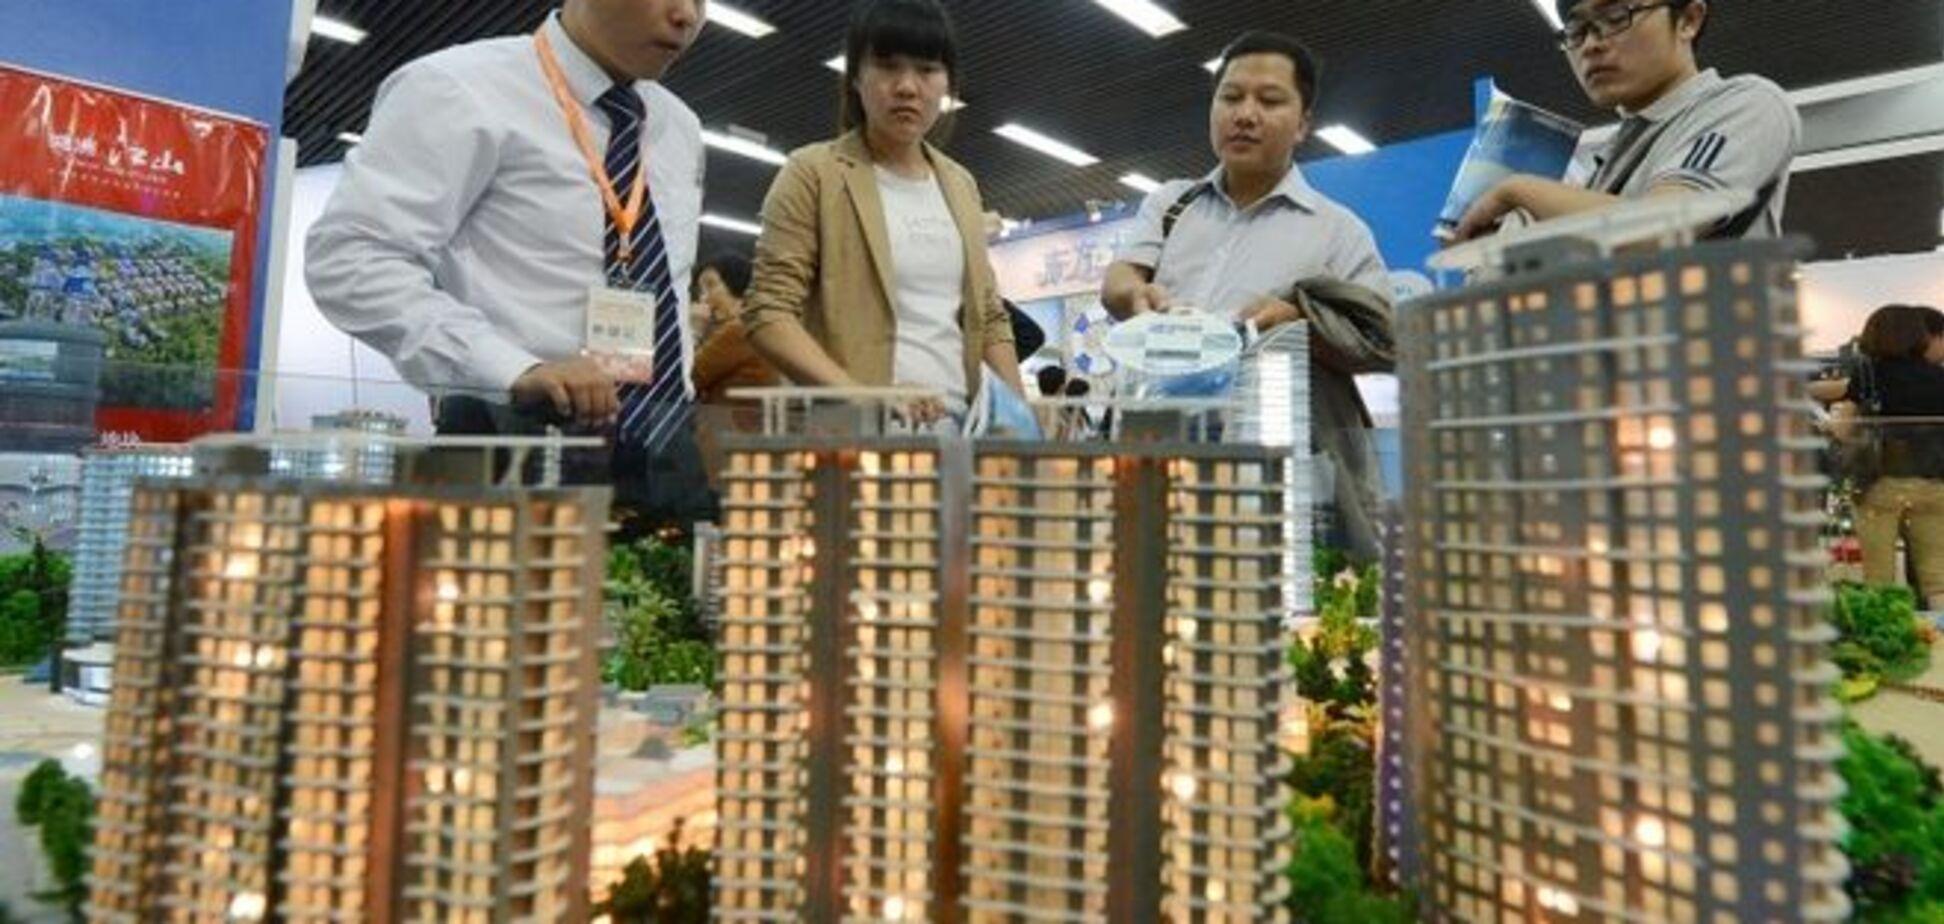 За кукурузу и зерно китайцы готовы построить в Украине доступное жилье